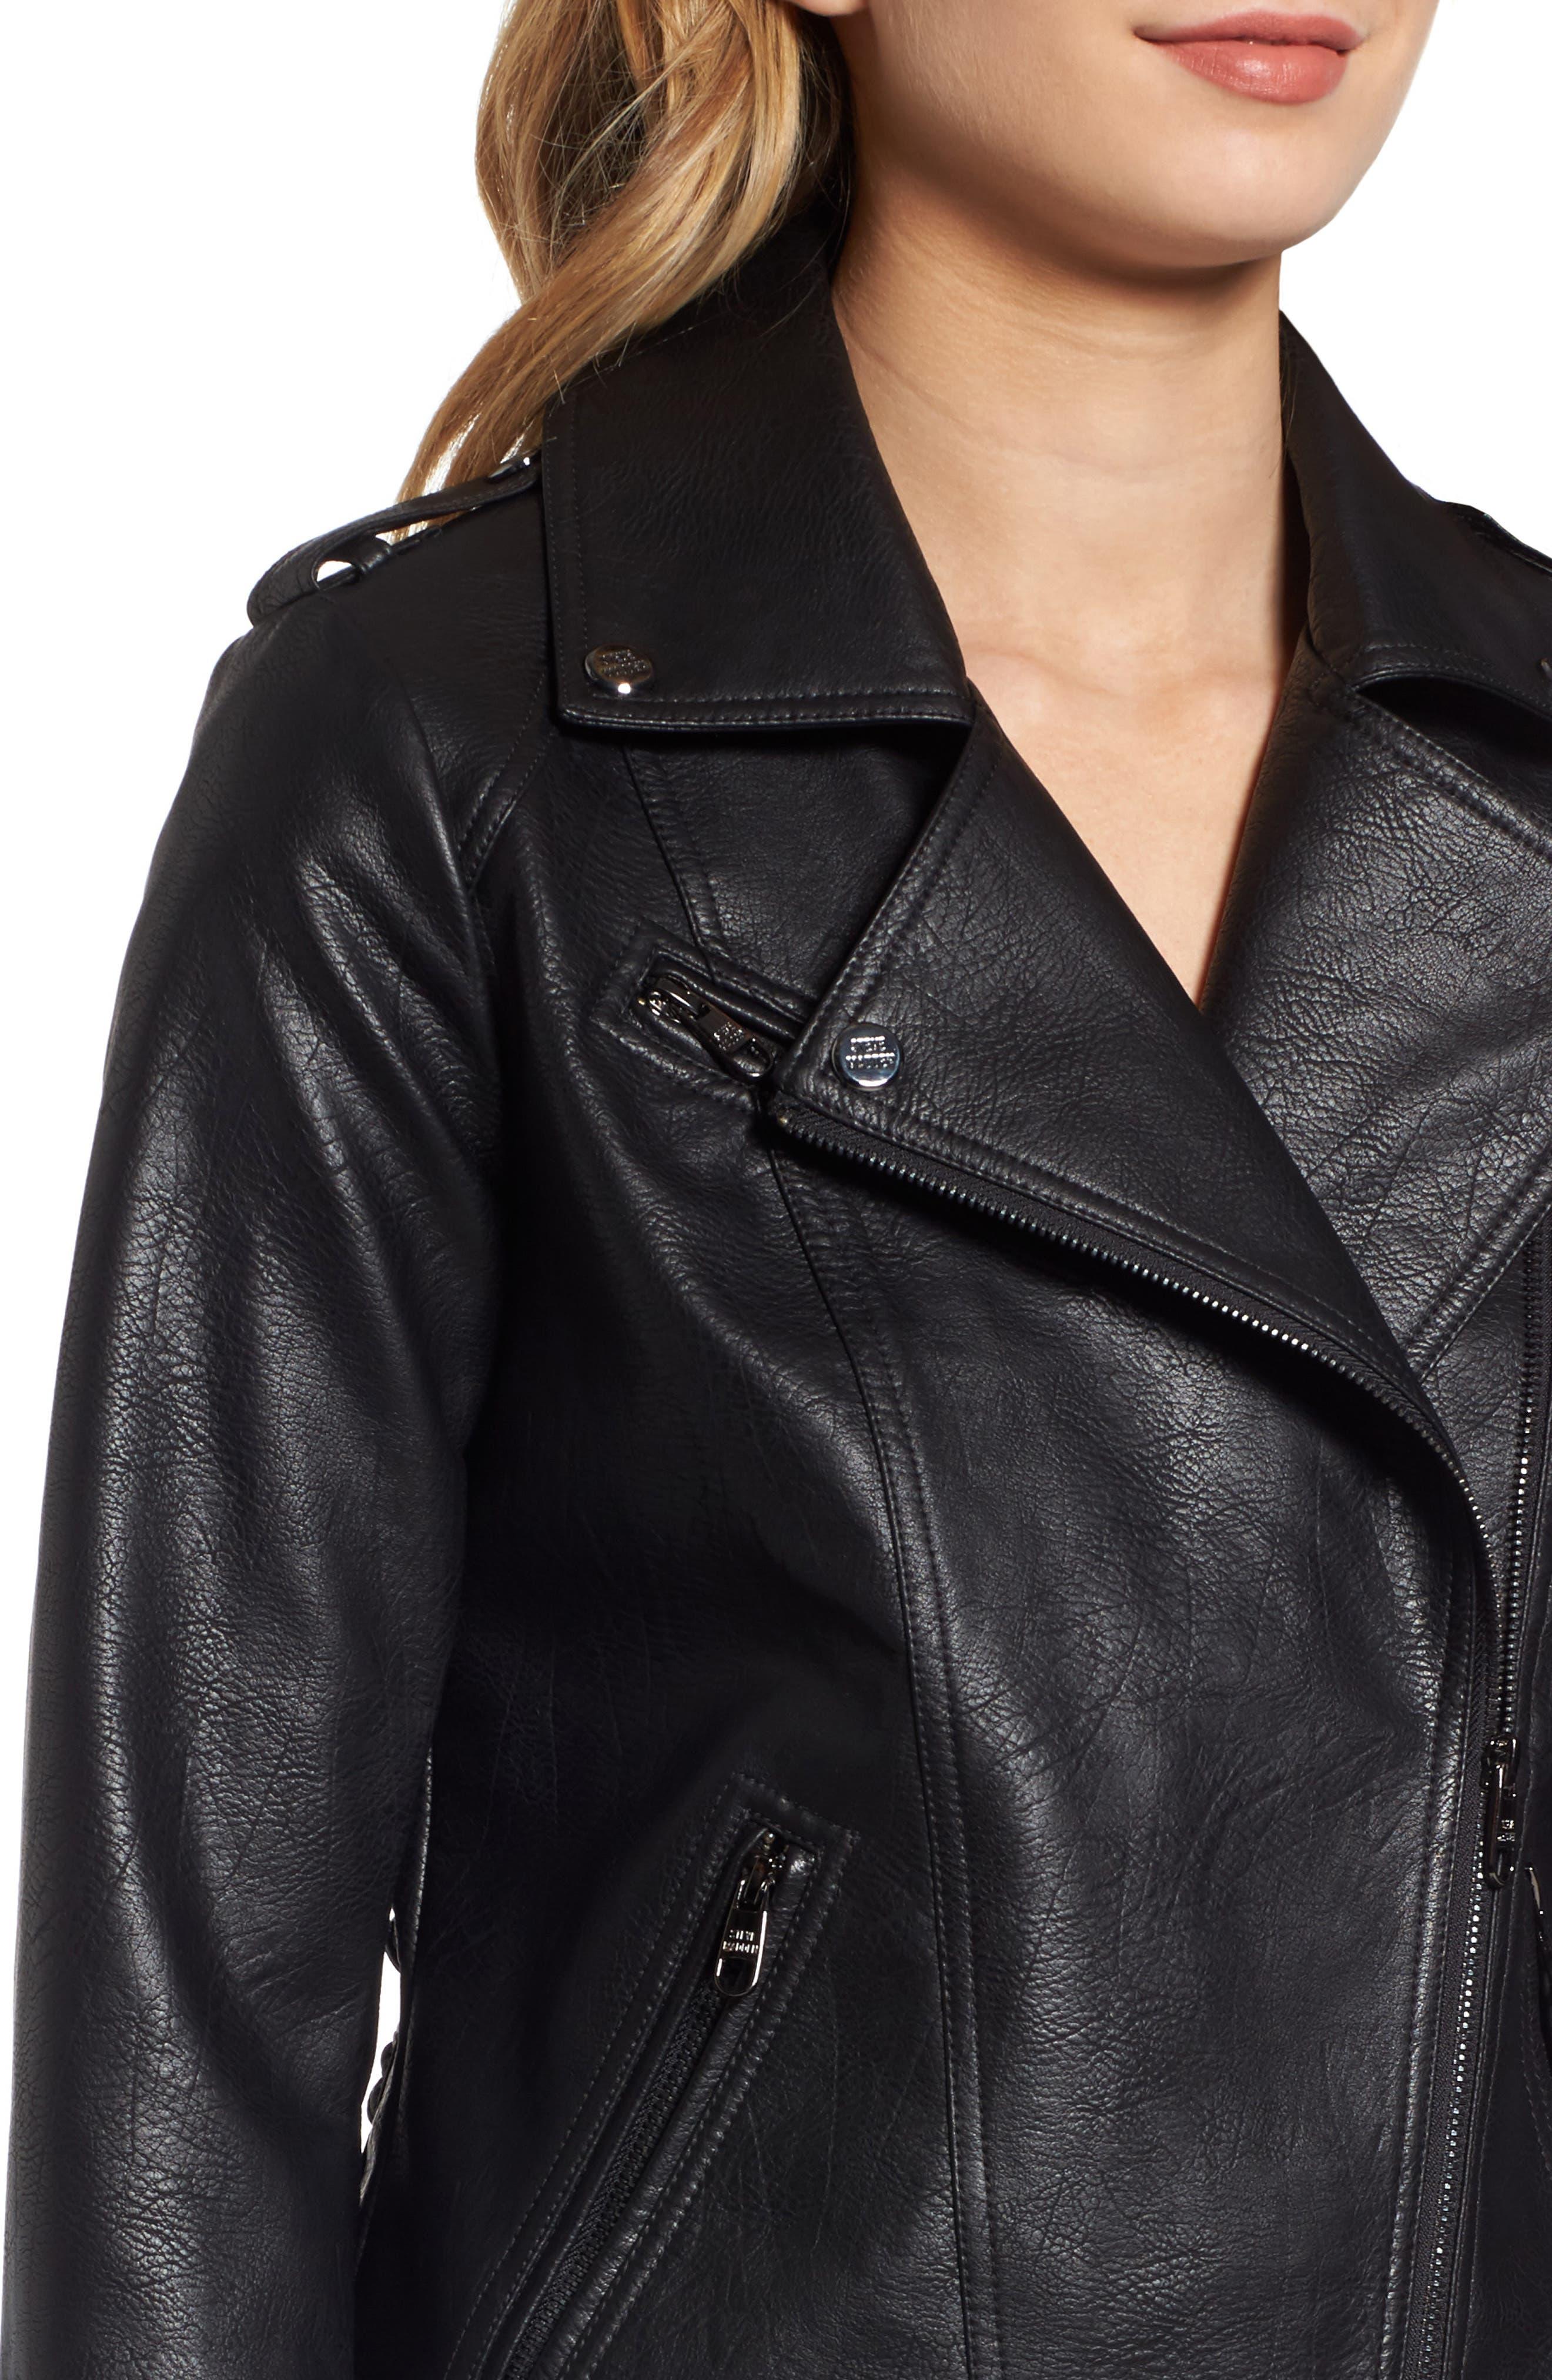 Lace Detail Faux Leather Biker Jacket,                             Alternate thumbnail 4, color,                             Black